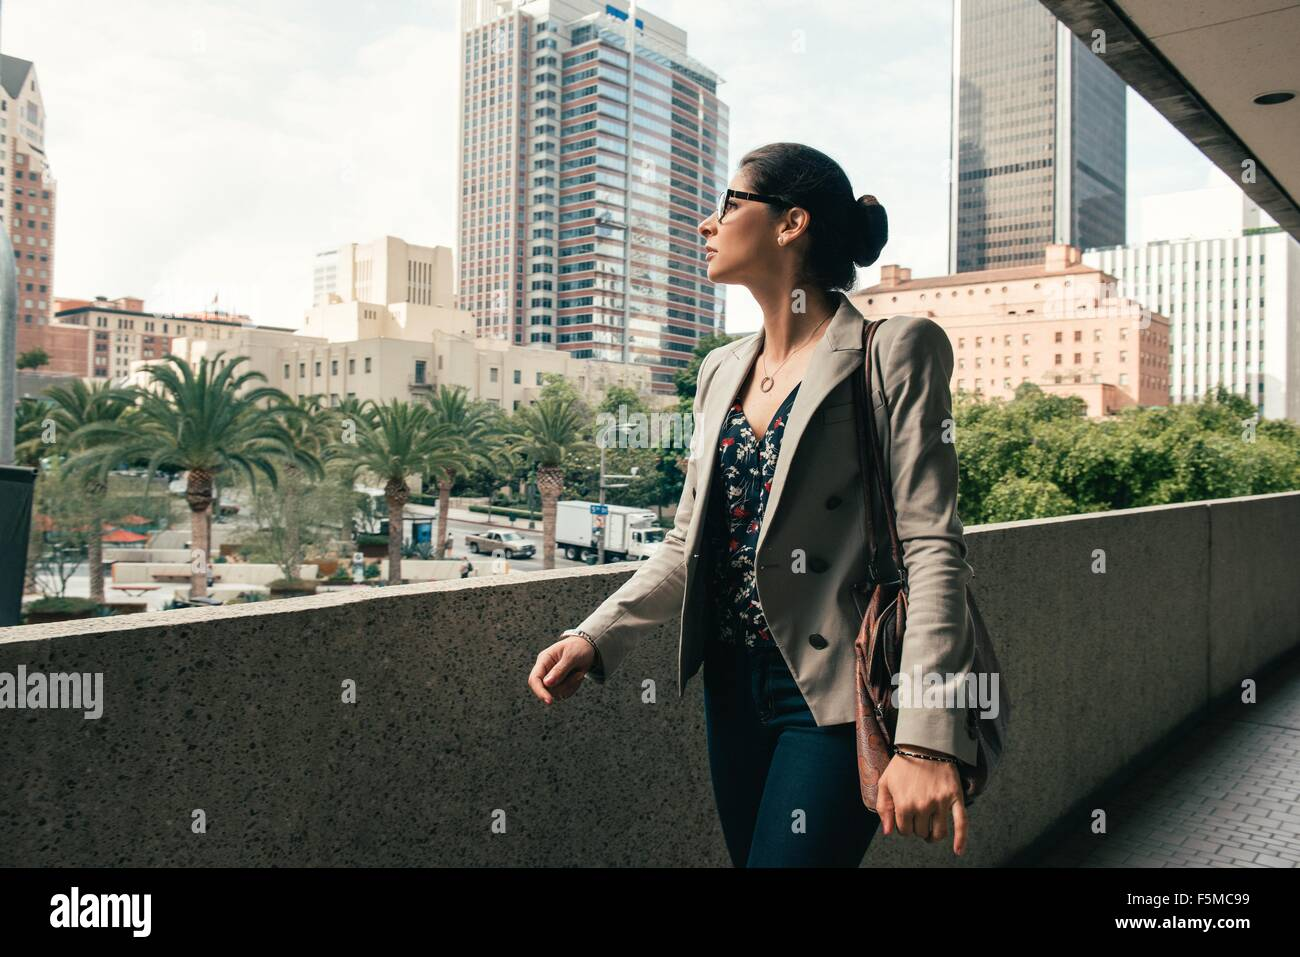 Empresária olhando para fora da passarela, Los Angeles, ESTADOS UNIDOS DA AMÉRICA Imagens de Stock